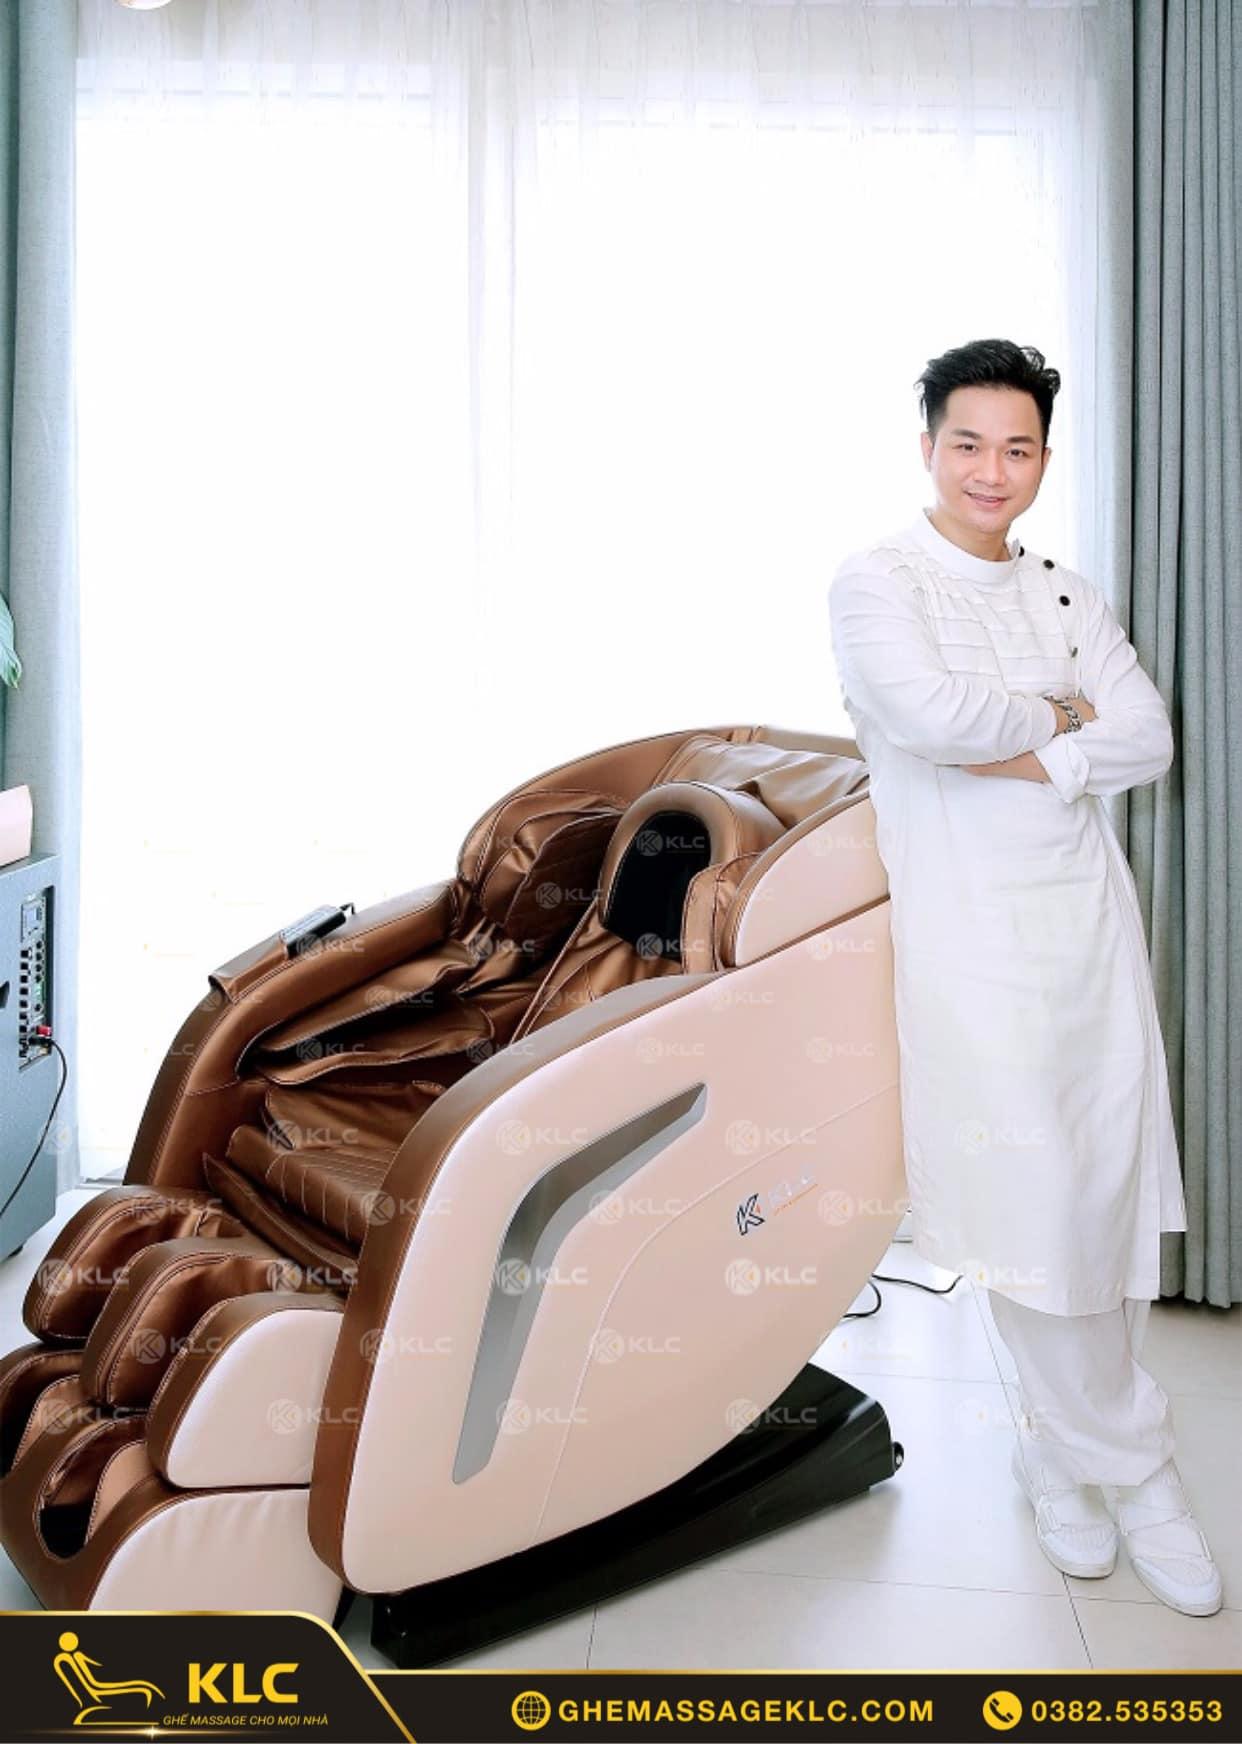 ca si quach tuan du ben san pham klc ky222 cua minh Ghế massage KLC